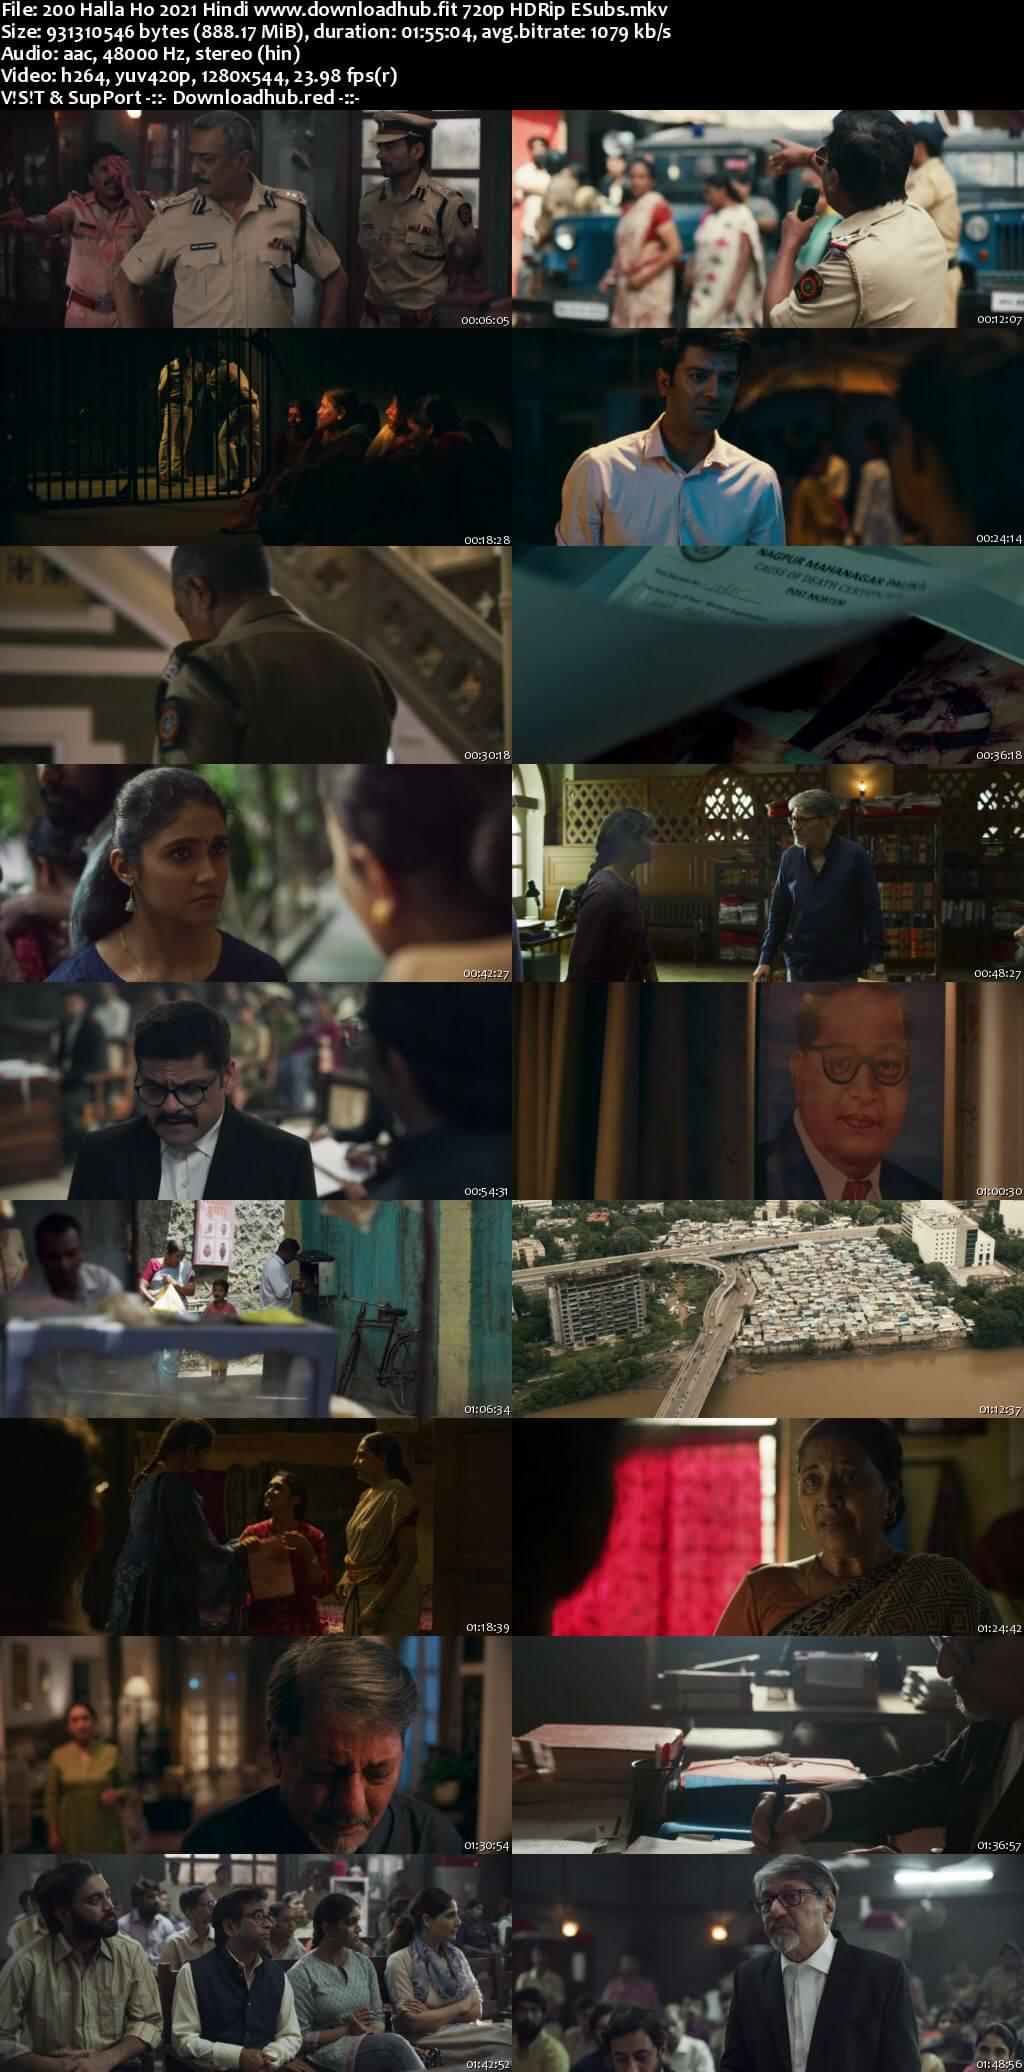 200 Halla Ho 2021 Hindi 720p HDRip ESubs